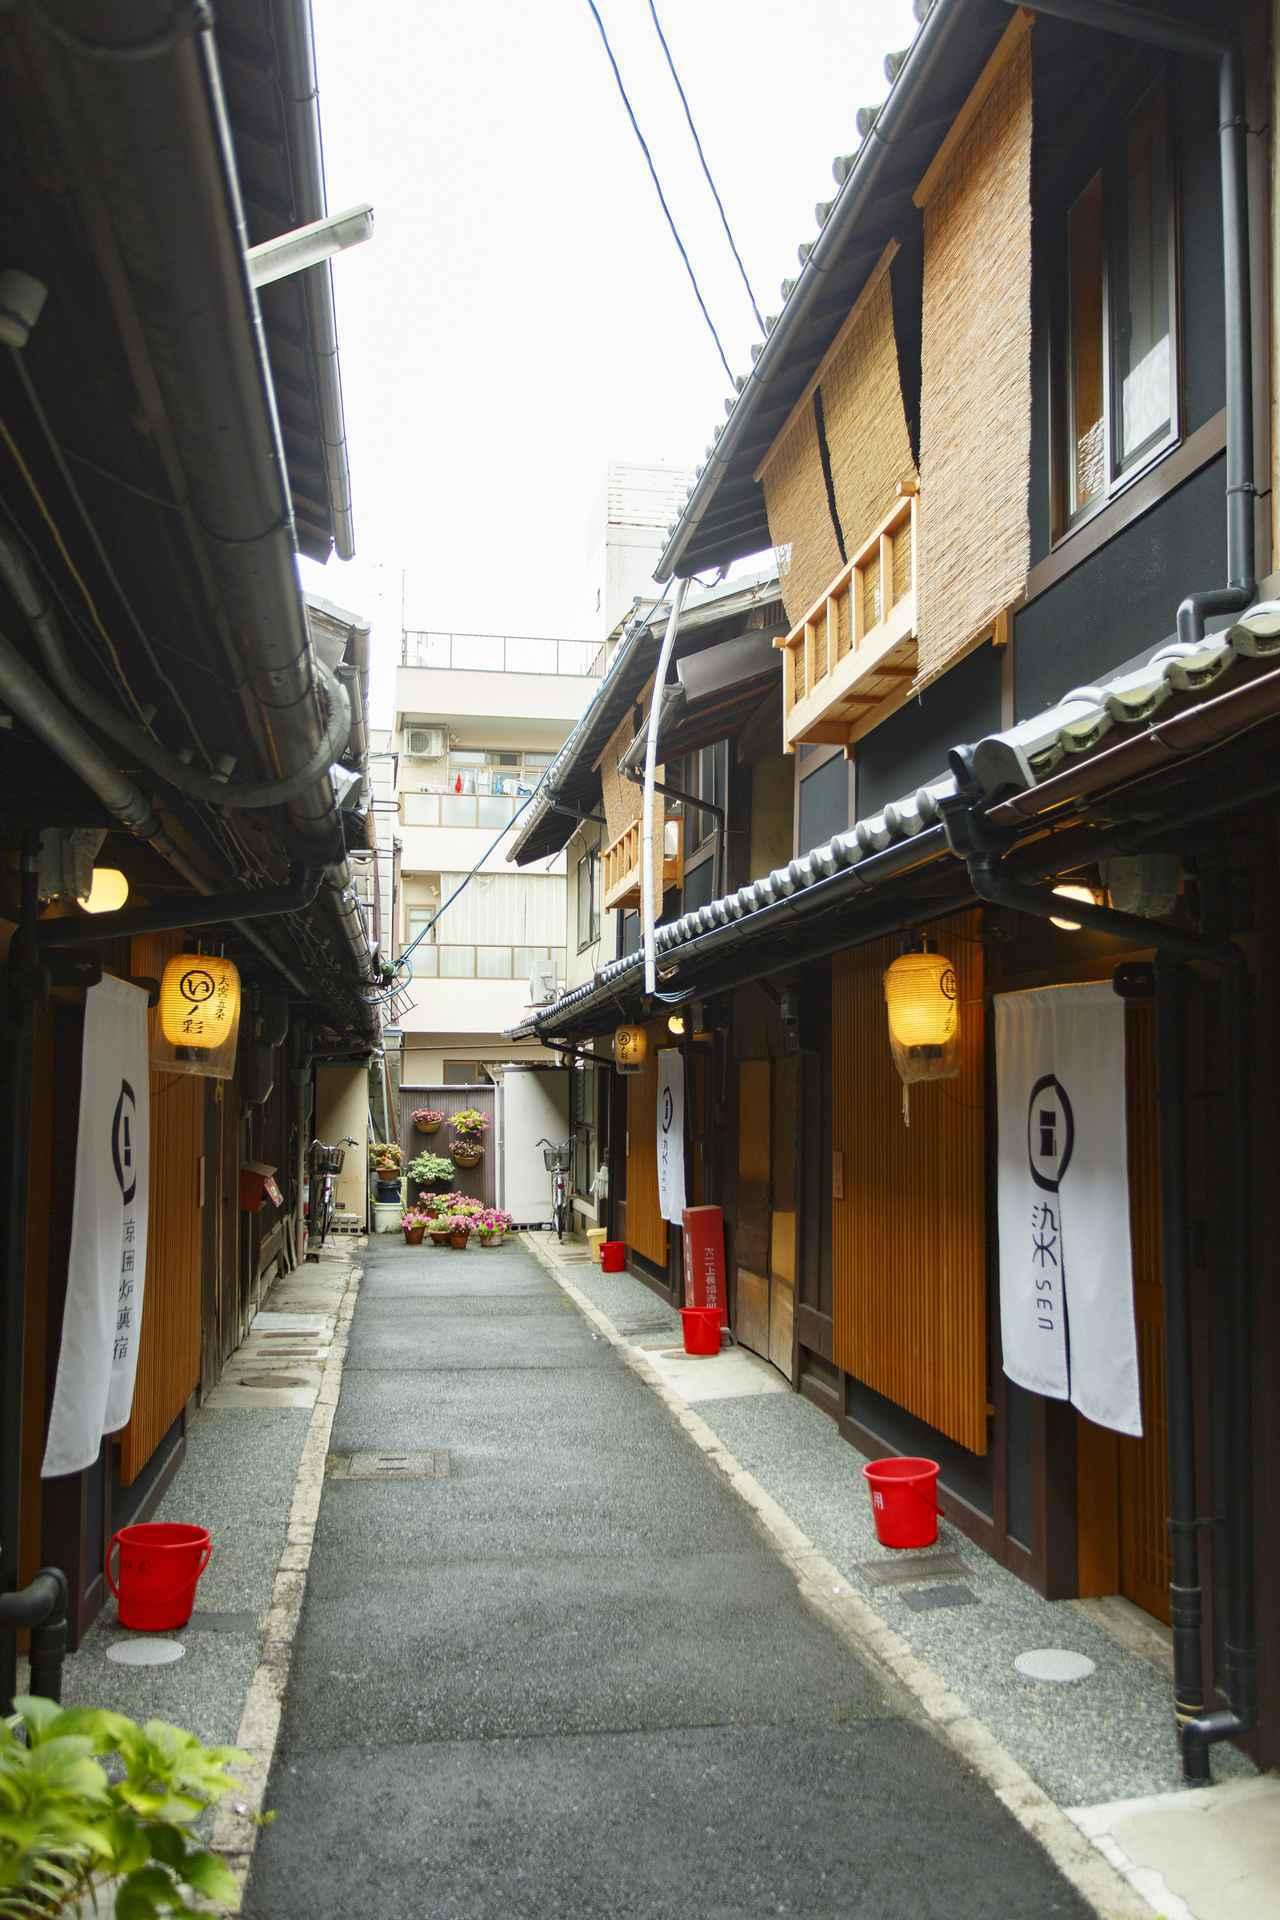 画像: 日本古来の美意識にもう一度触れる。歴史、文化、自然を感じる町家泊、伝泊